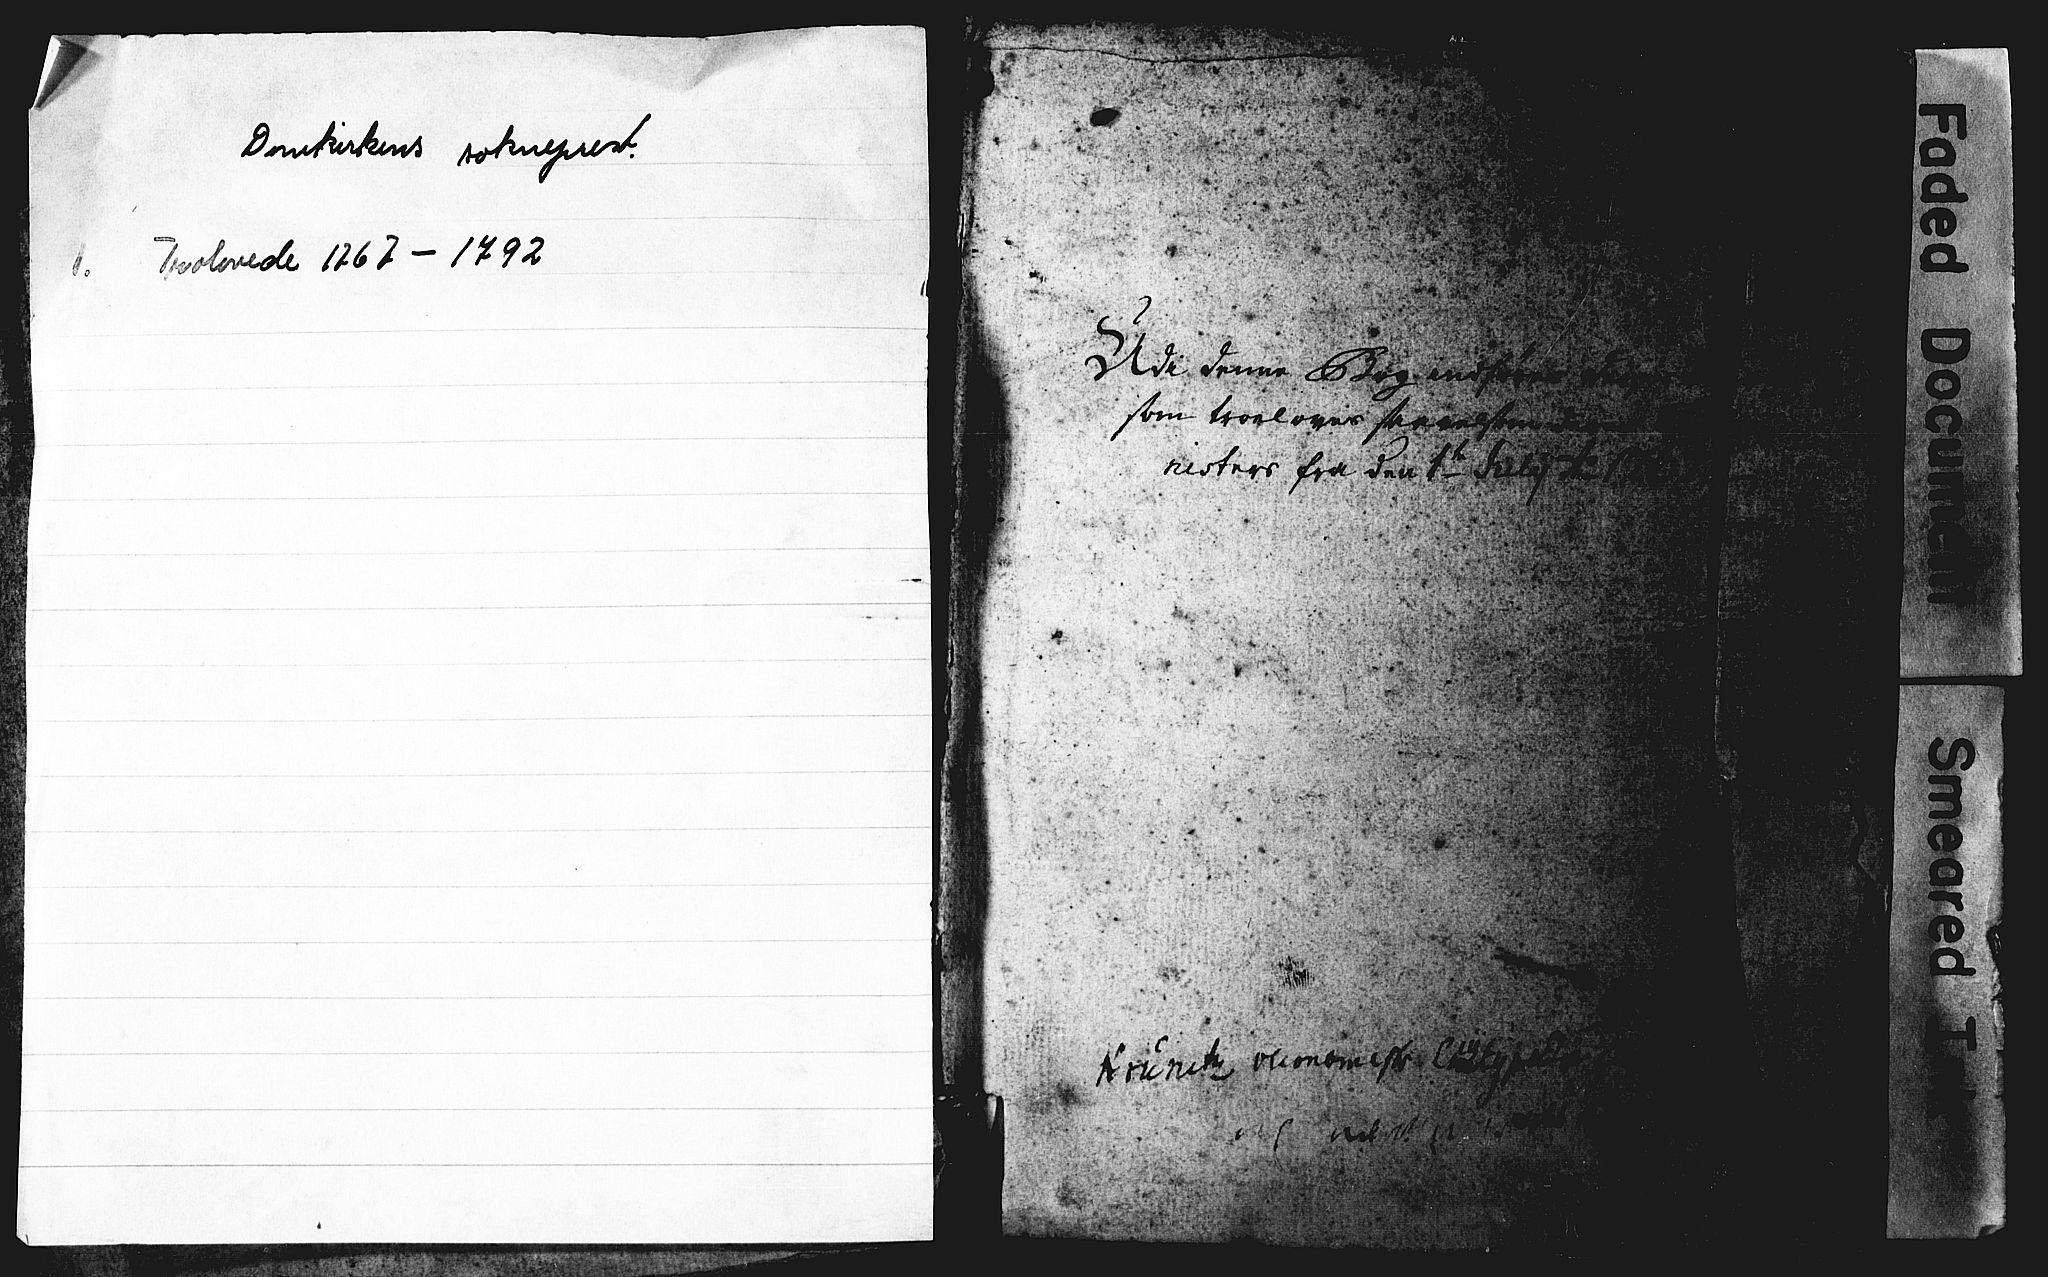 SAB, Domkirken Sokneprestembete, Best man's statements no. II.5.1, 1767-1792